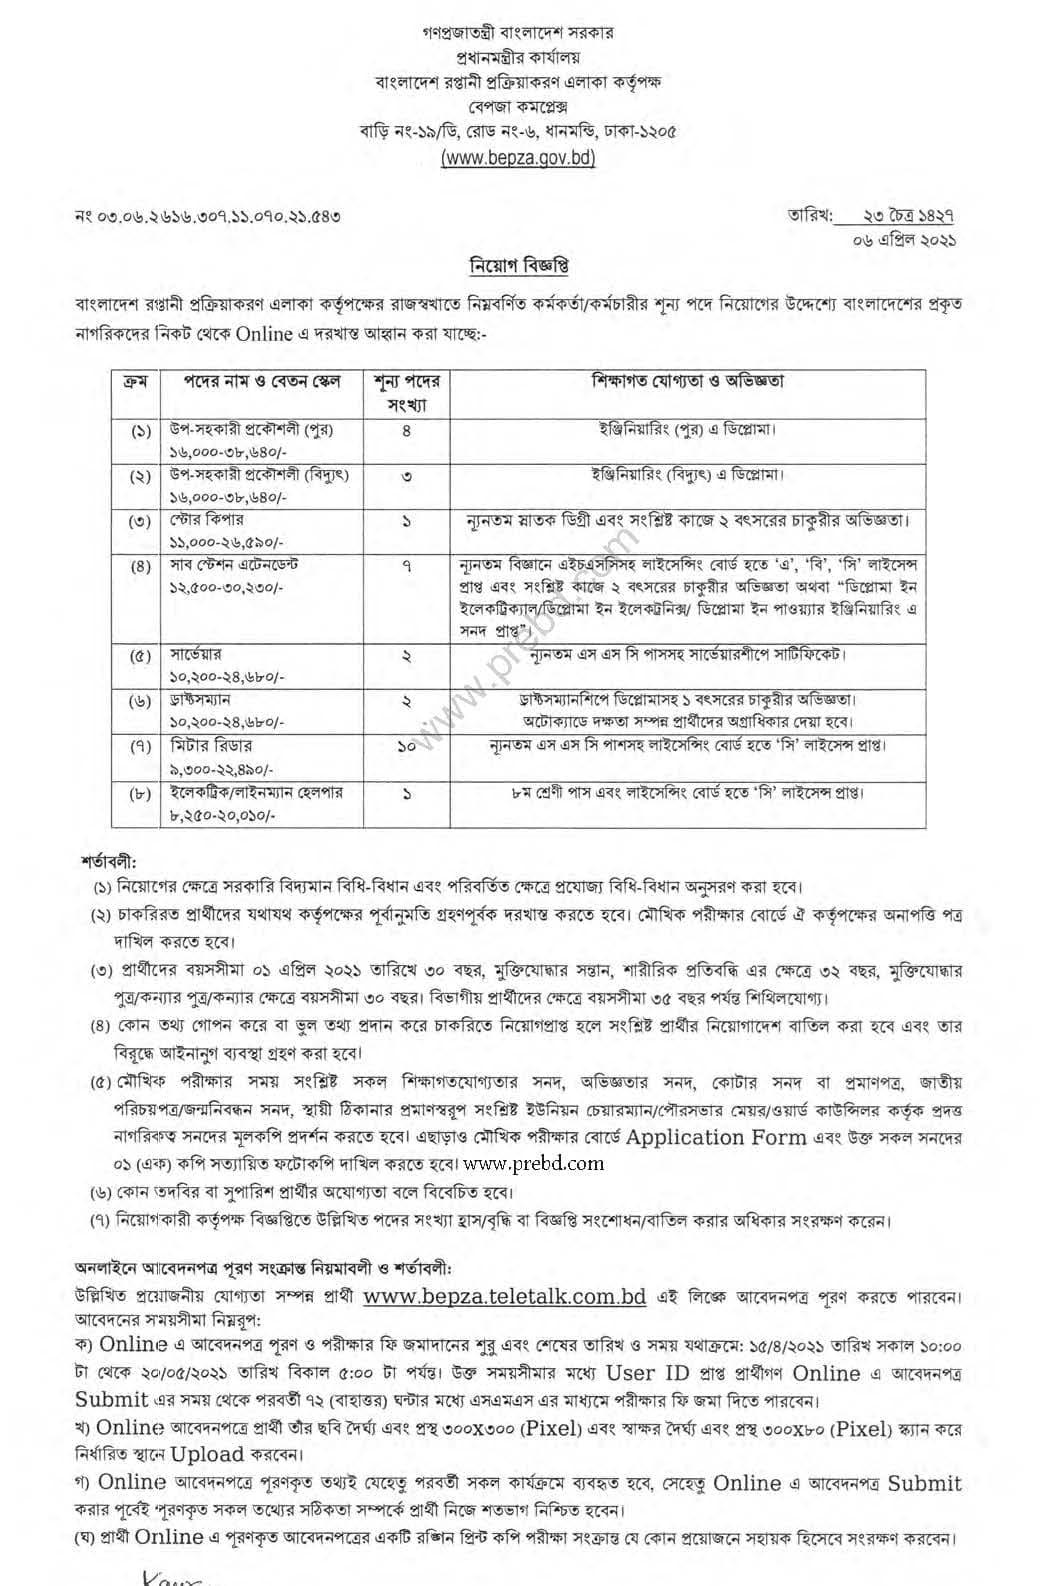 ৩০ পদে বাংলাদেশ রপ্তানি প্রক্রিয়াকরণ অঞ্চল কর্তৃপক্ষ (bepza) তে নিয়োগ বিজ্ঞপ্তি